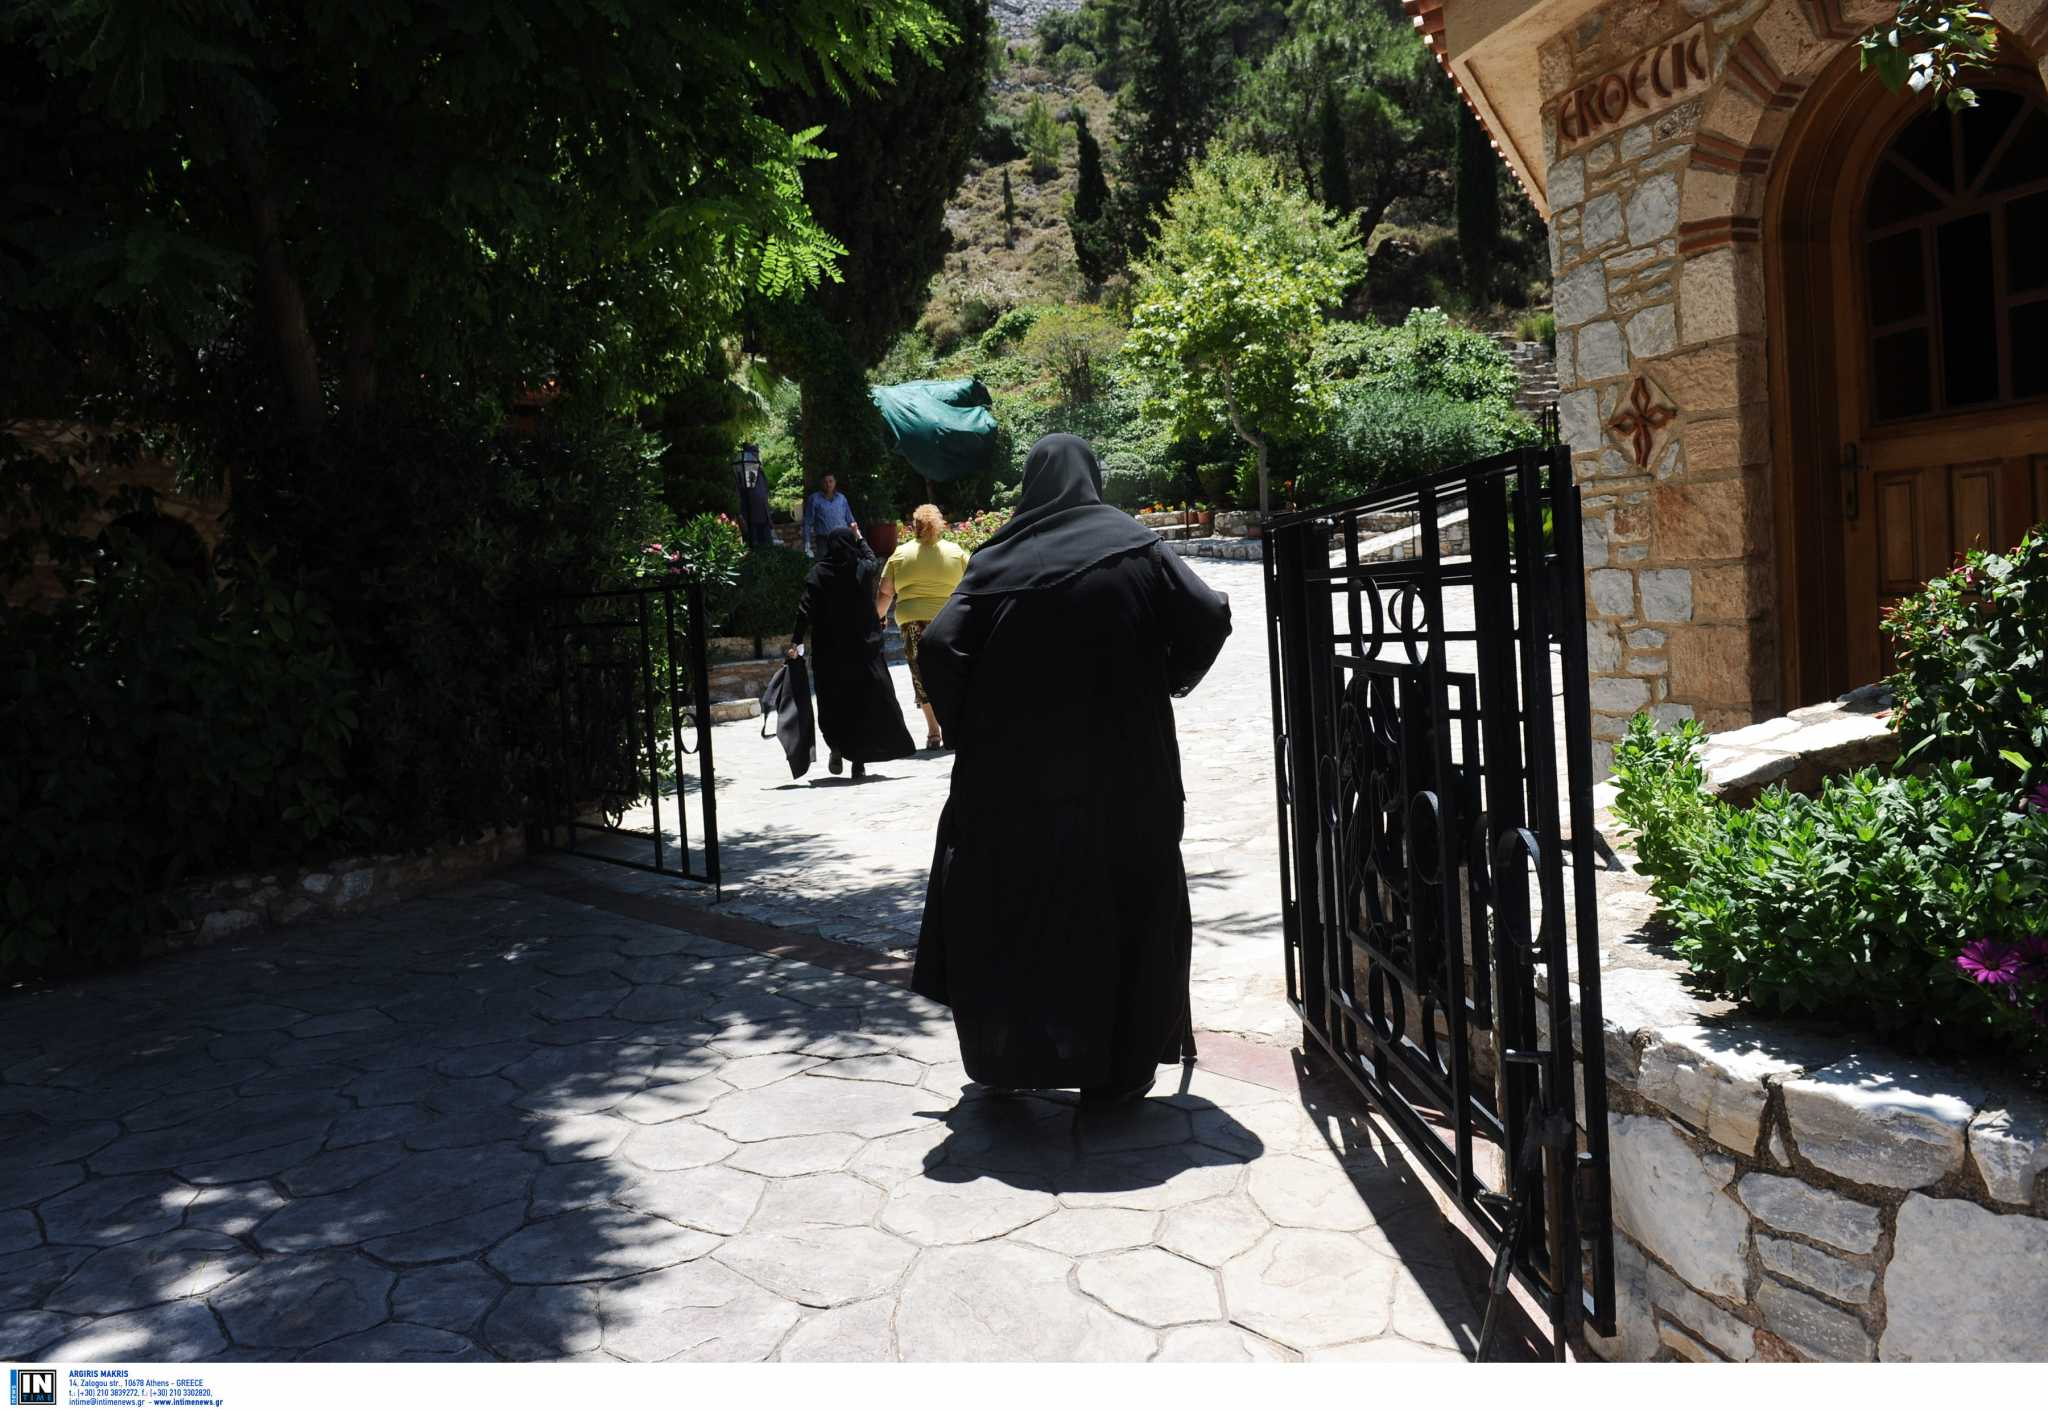 Φθιώτιδα – Κορονοϊός: Ανεξέλεγκτη διασπορά σε γυναικείο μοναστήρι – Φόβοι πως νόσησαν όλες οι μοναχές